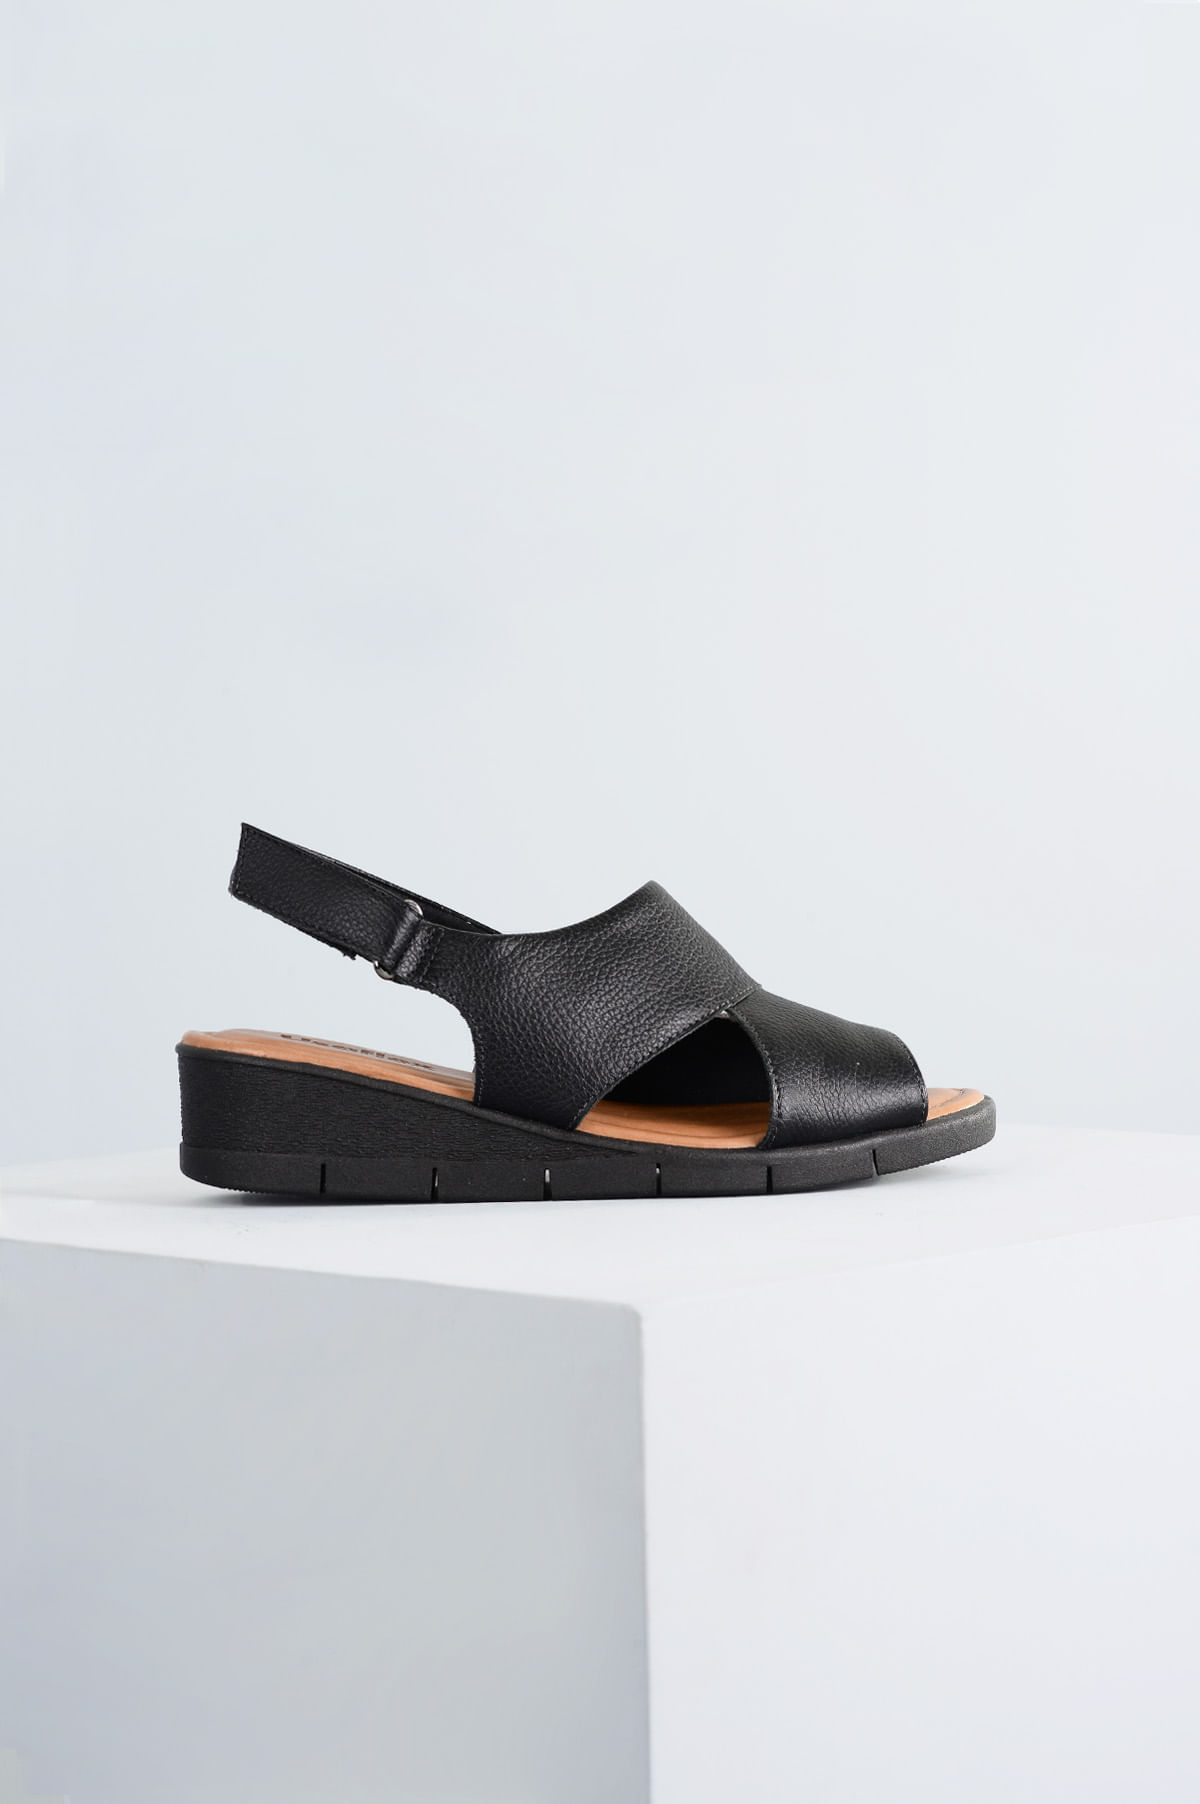 f2c39cae5 Sandália Feminina Anabela Monize Usaflex CR-PRETO - Mundial Calçados